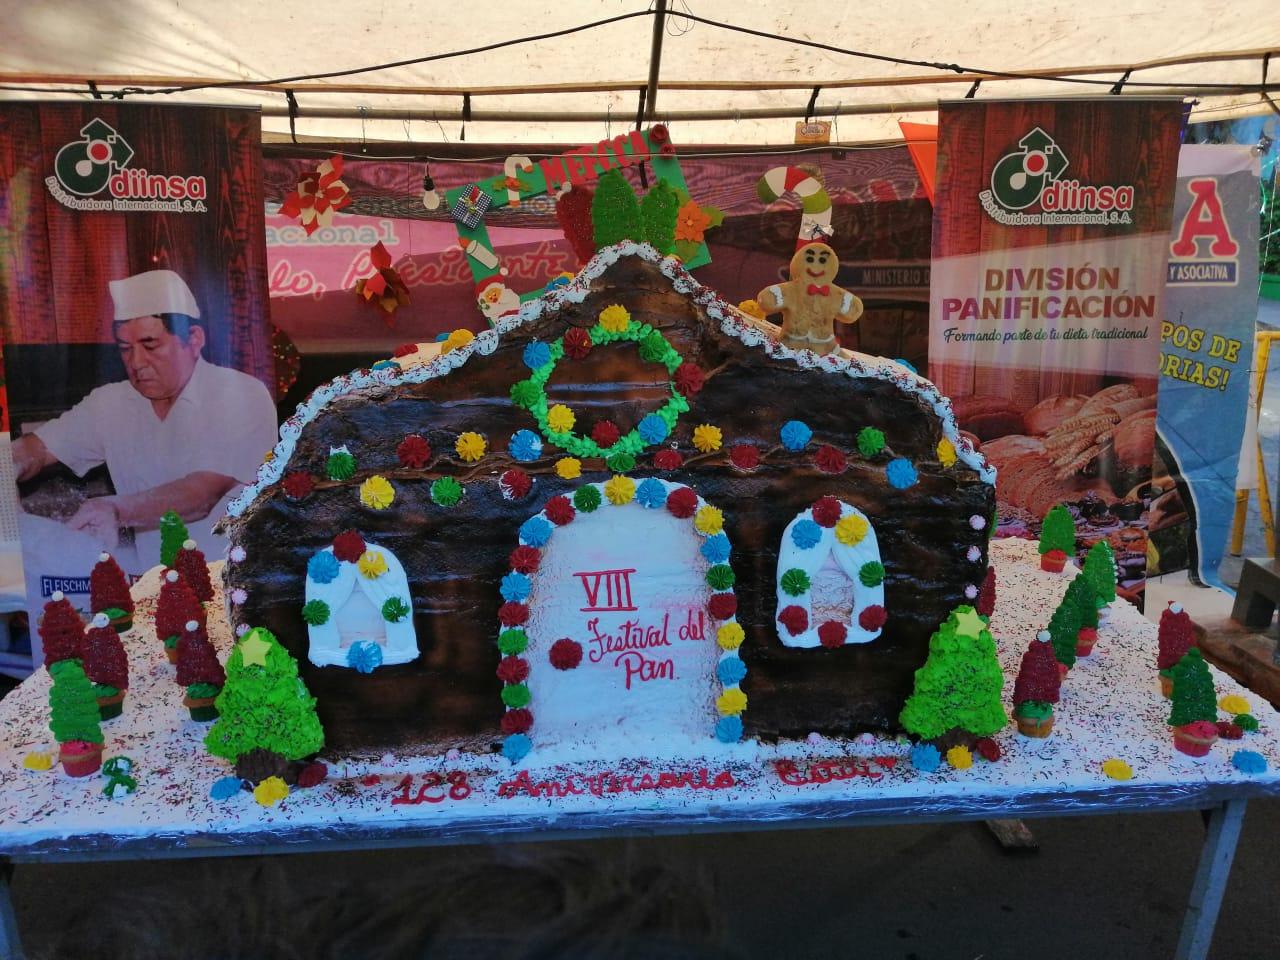 Estelí disfrutó de un pastel gigante en VIII festival del pan.